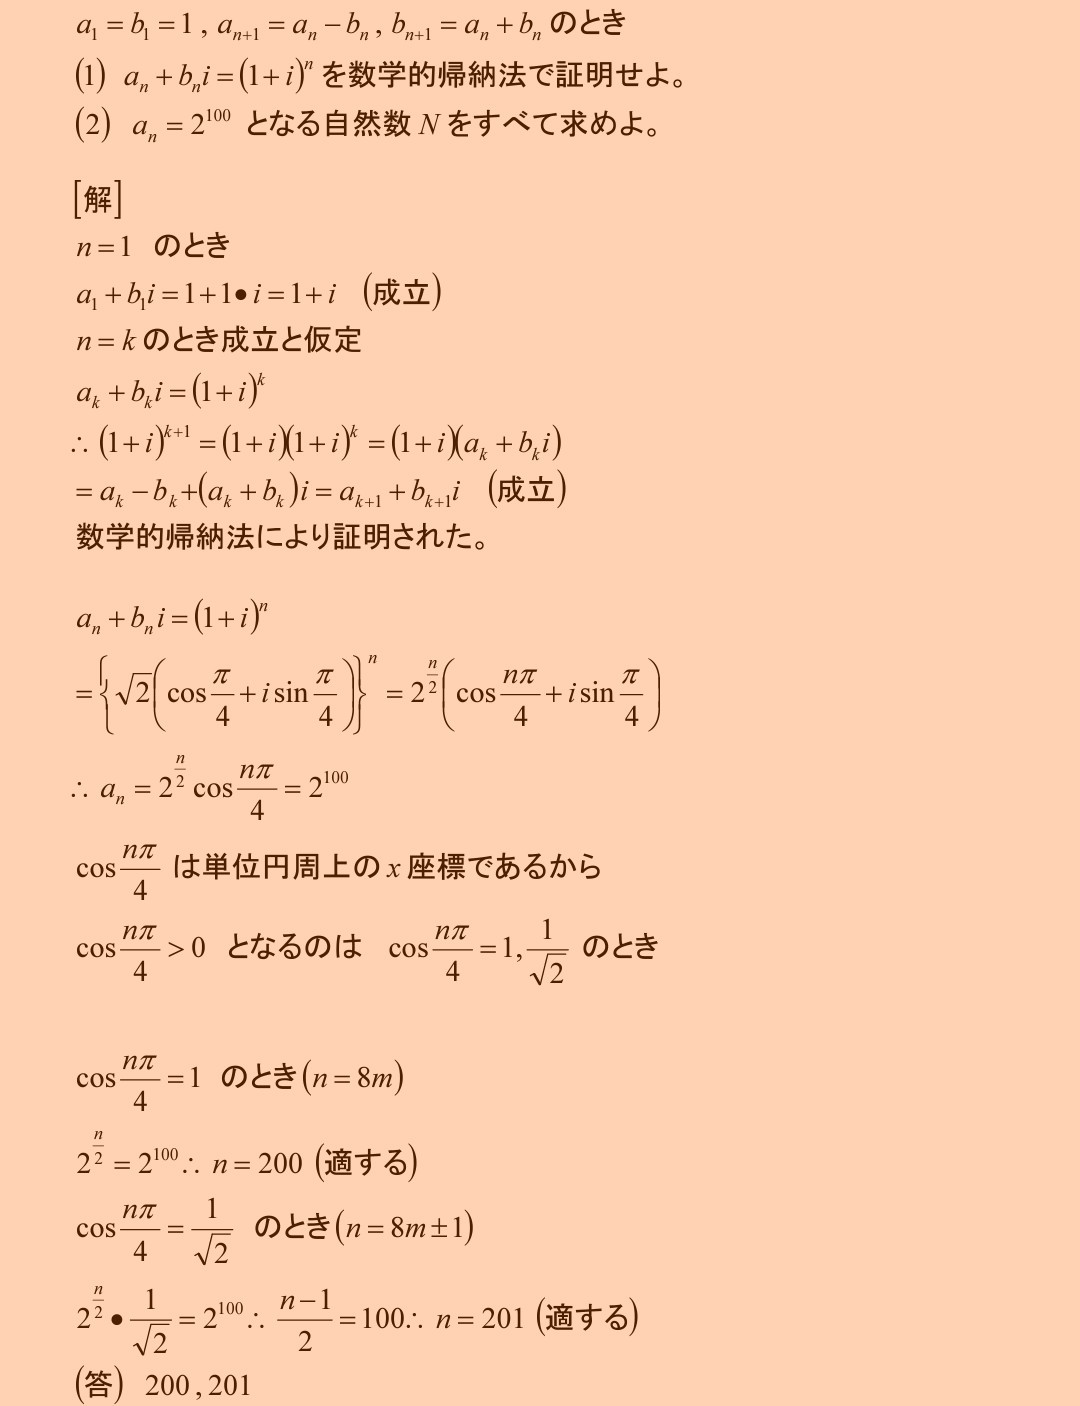 数学 的 帰納 法 数学的帰納法のパターンまとめ 高校数学の美しい物語